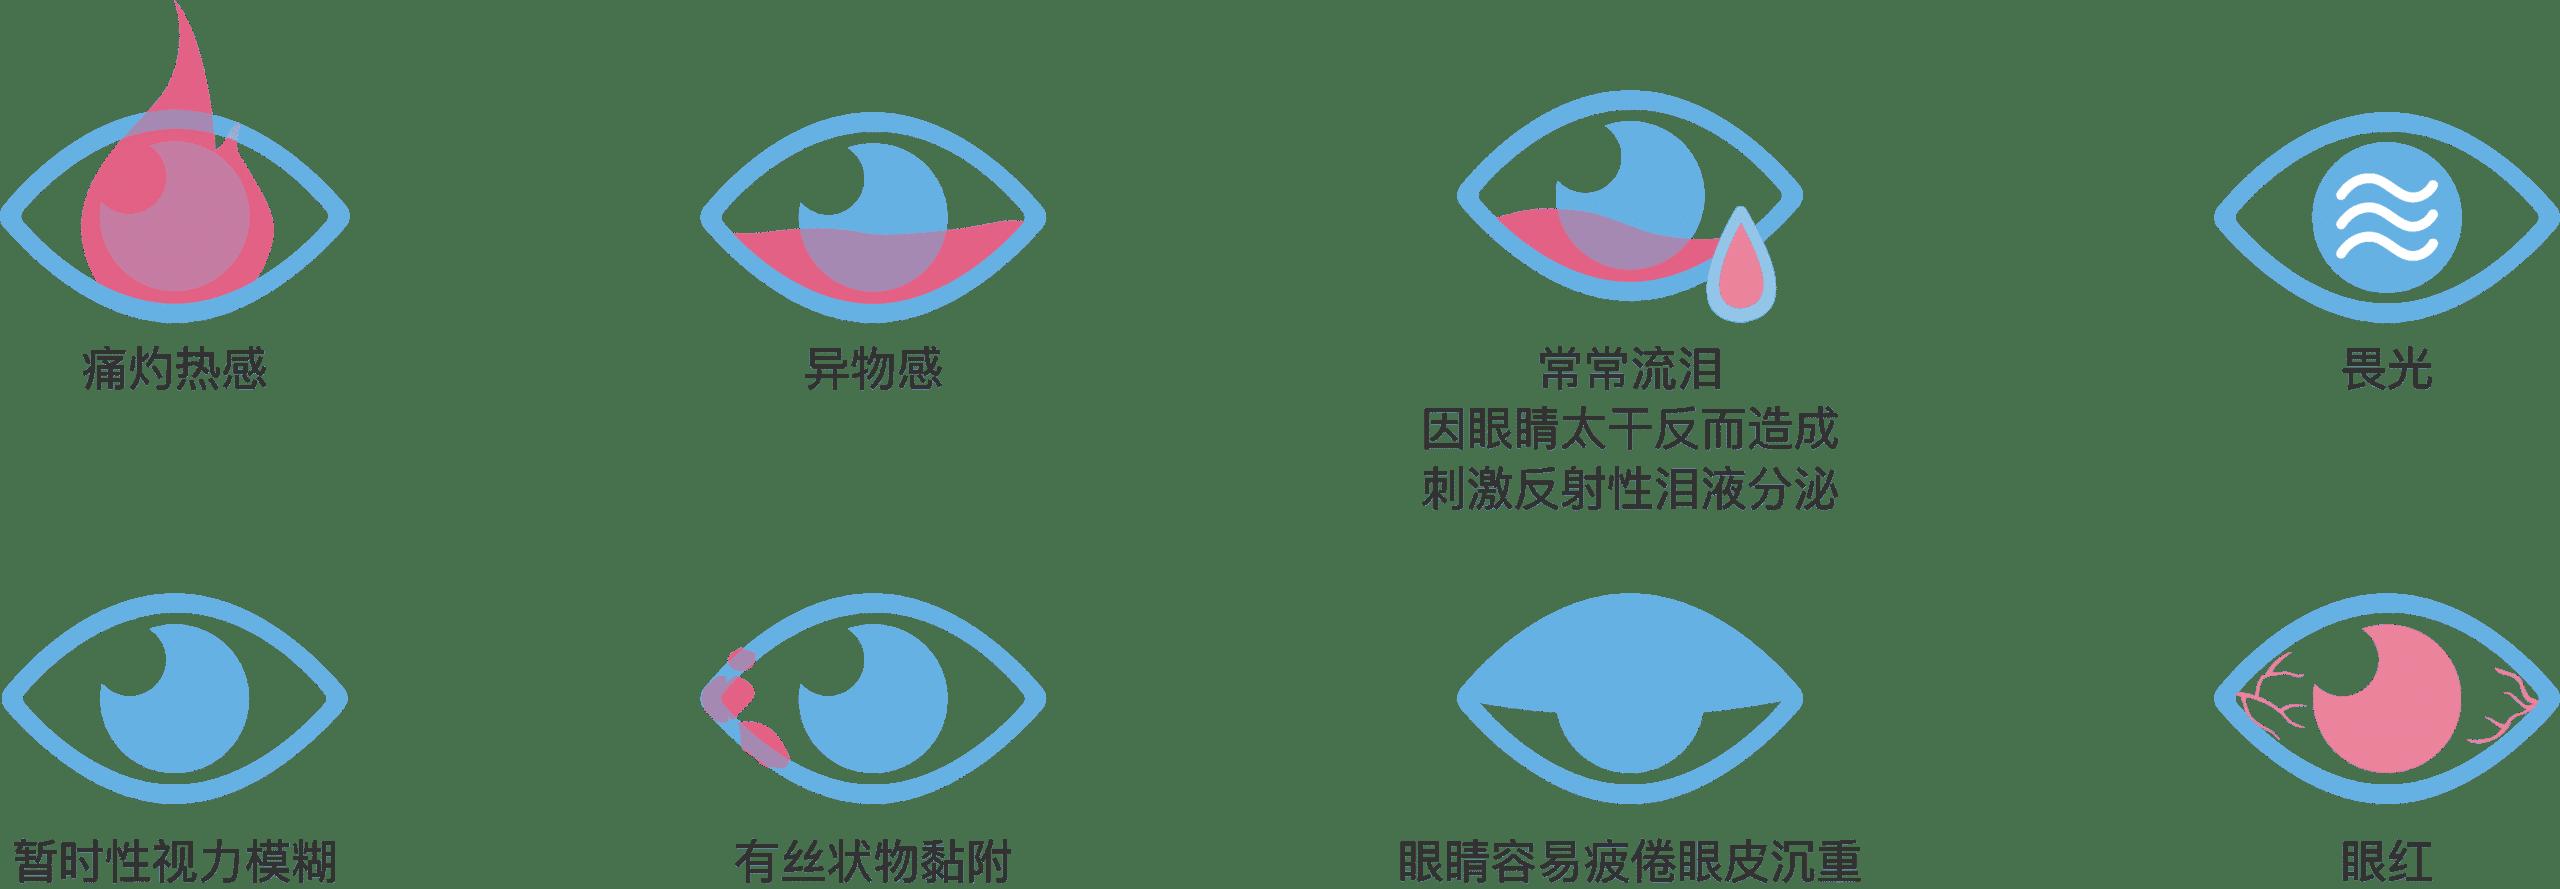 Surgery_Web_SC_Dry eye symptom